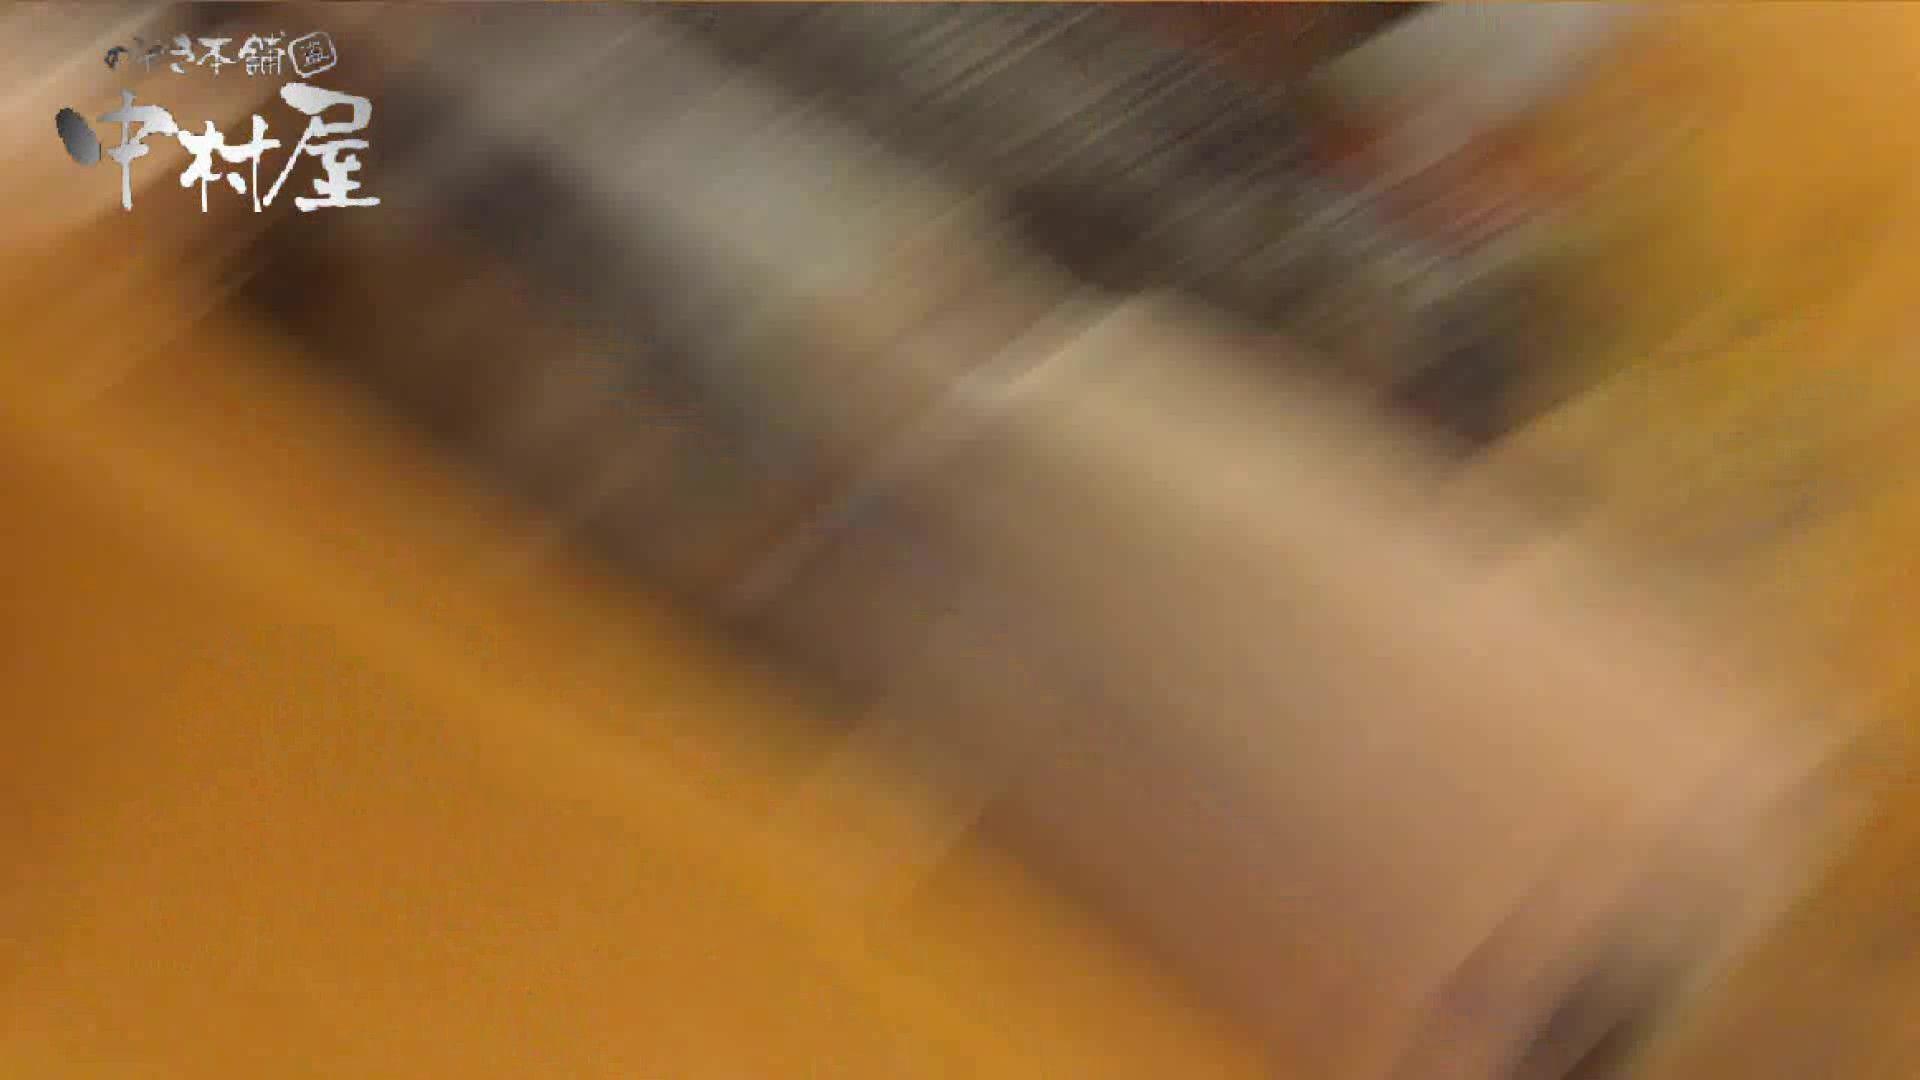 vol.61 美人アパレル胸チラ&パンチラ テカピンクのおパンツさん 接写 アダルト動画キャプチャ 107PIX 35